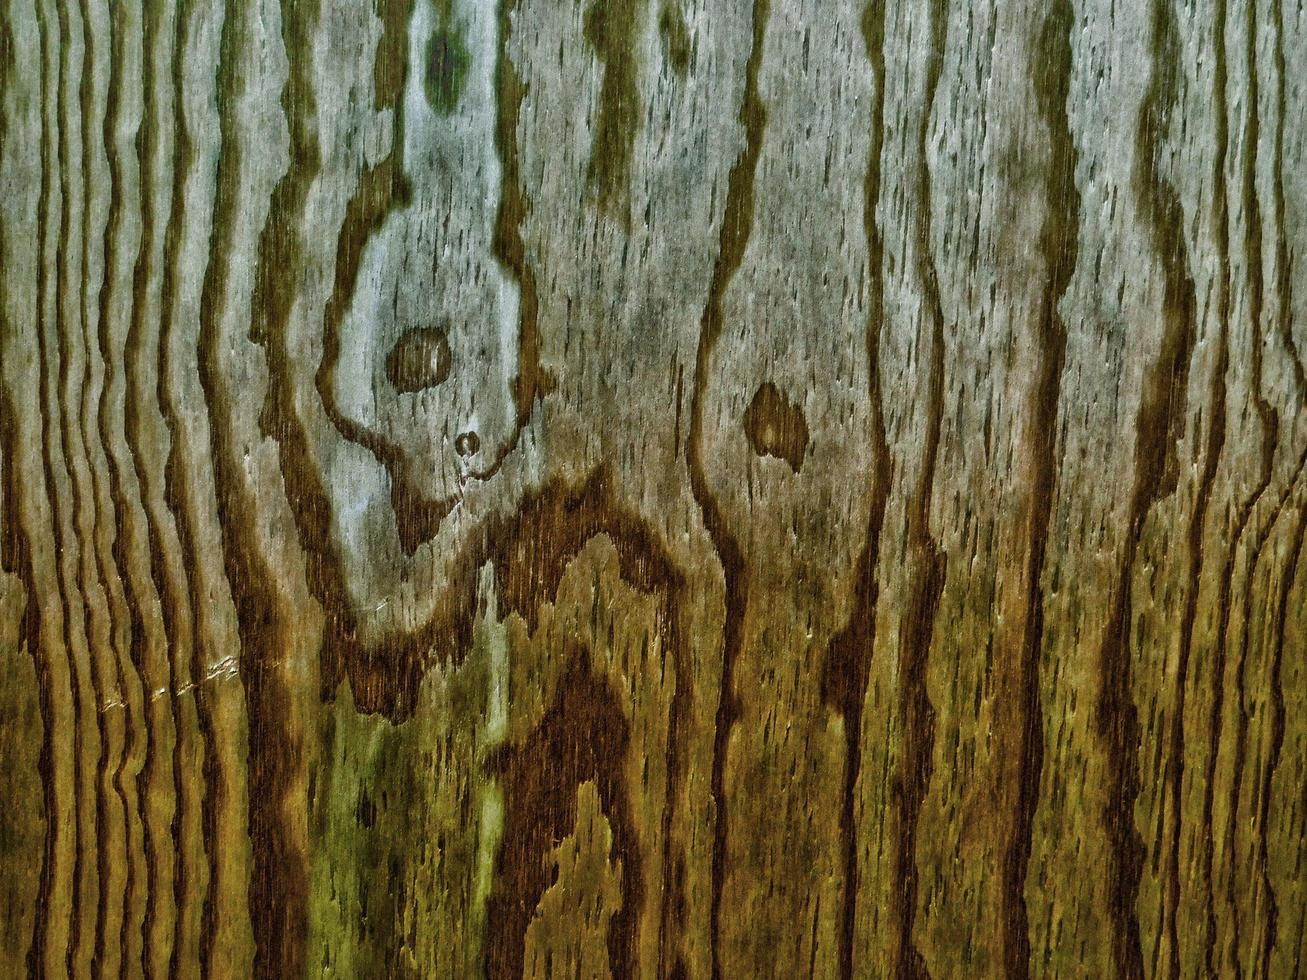 texture du bois dans le jardin photo